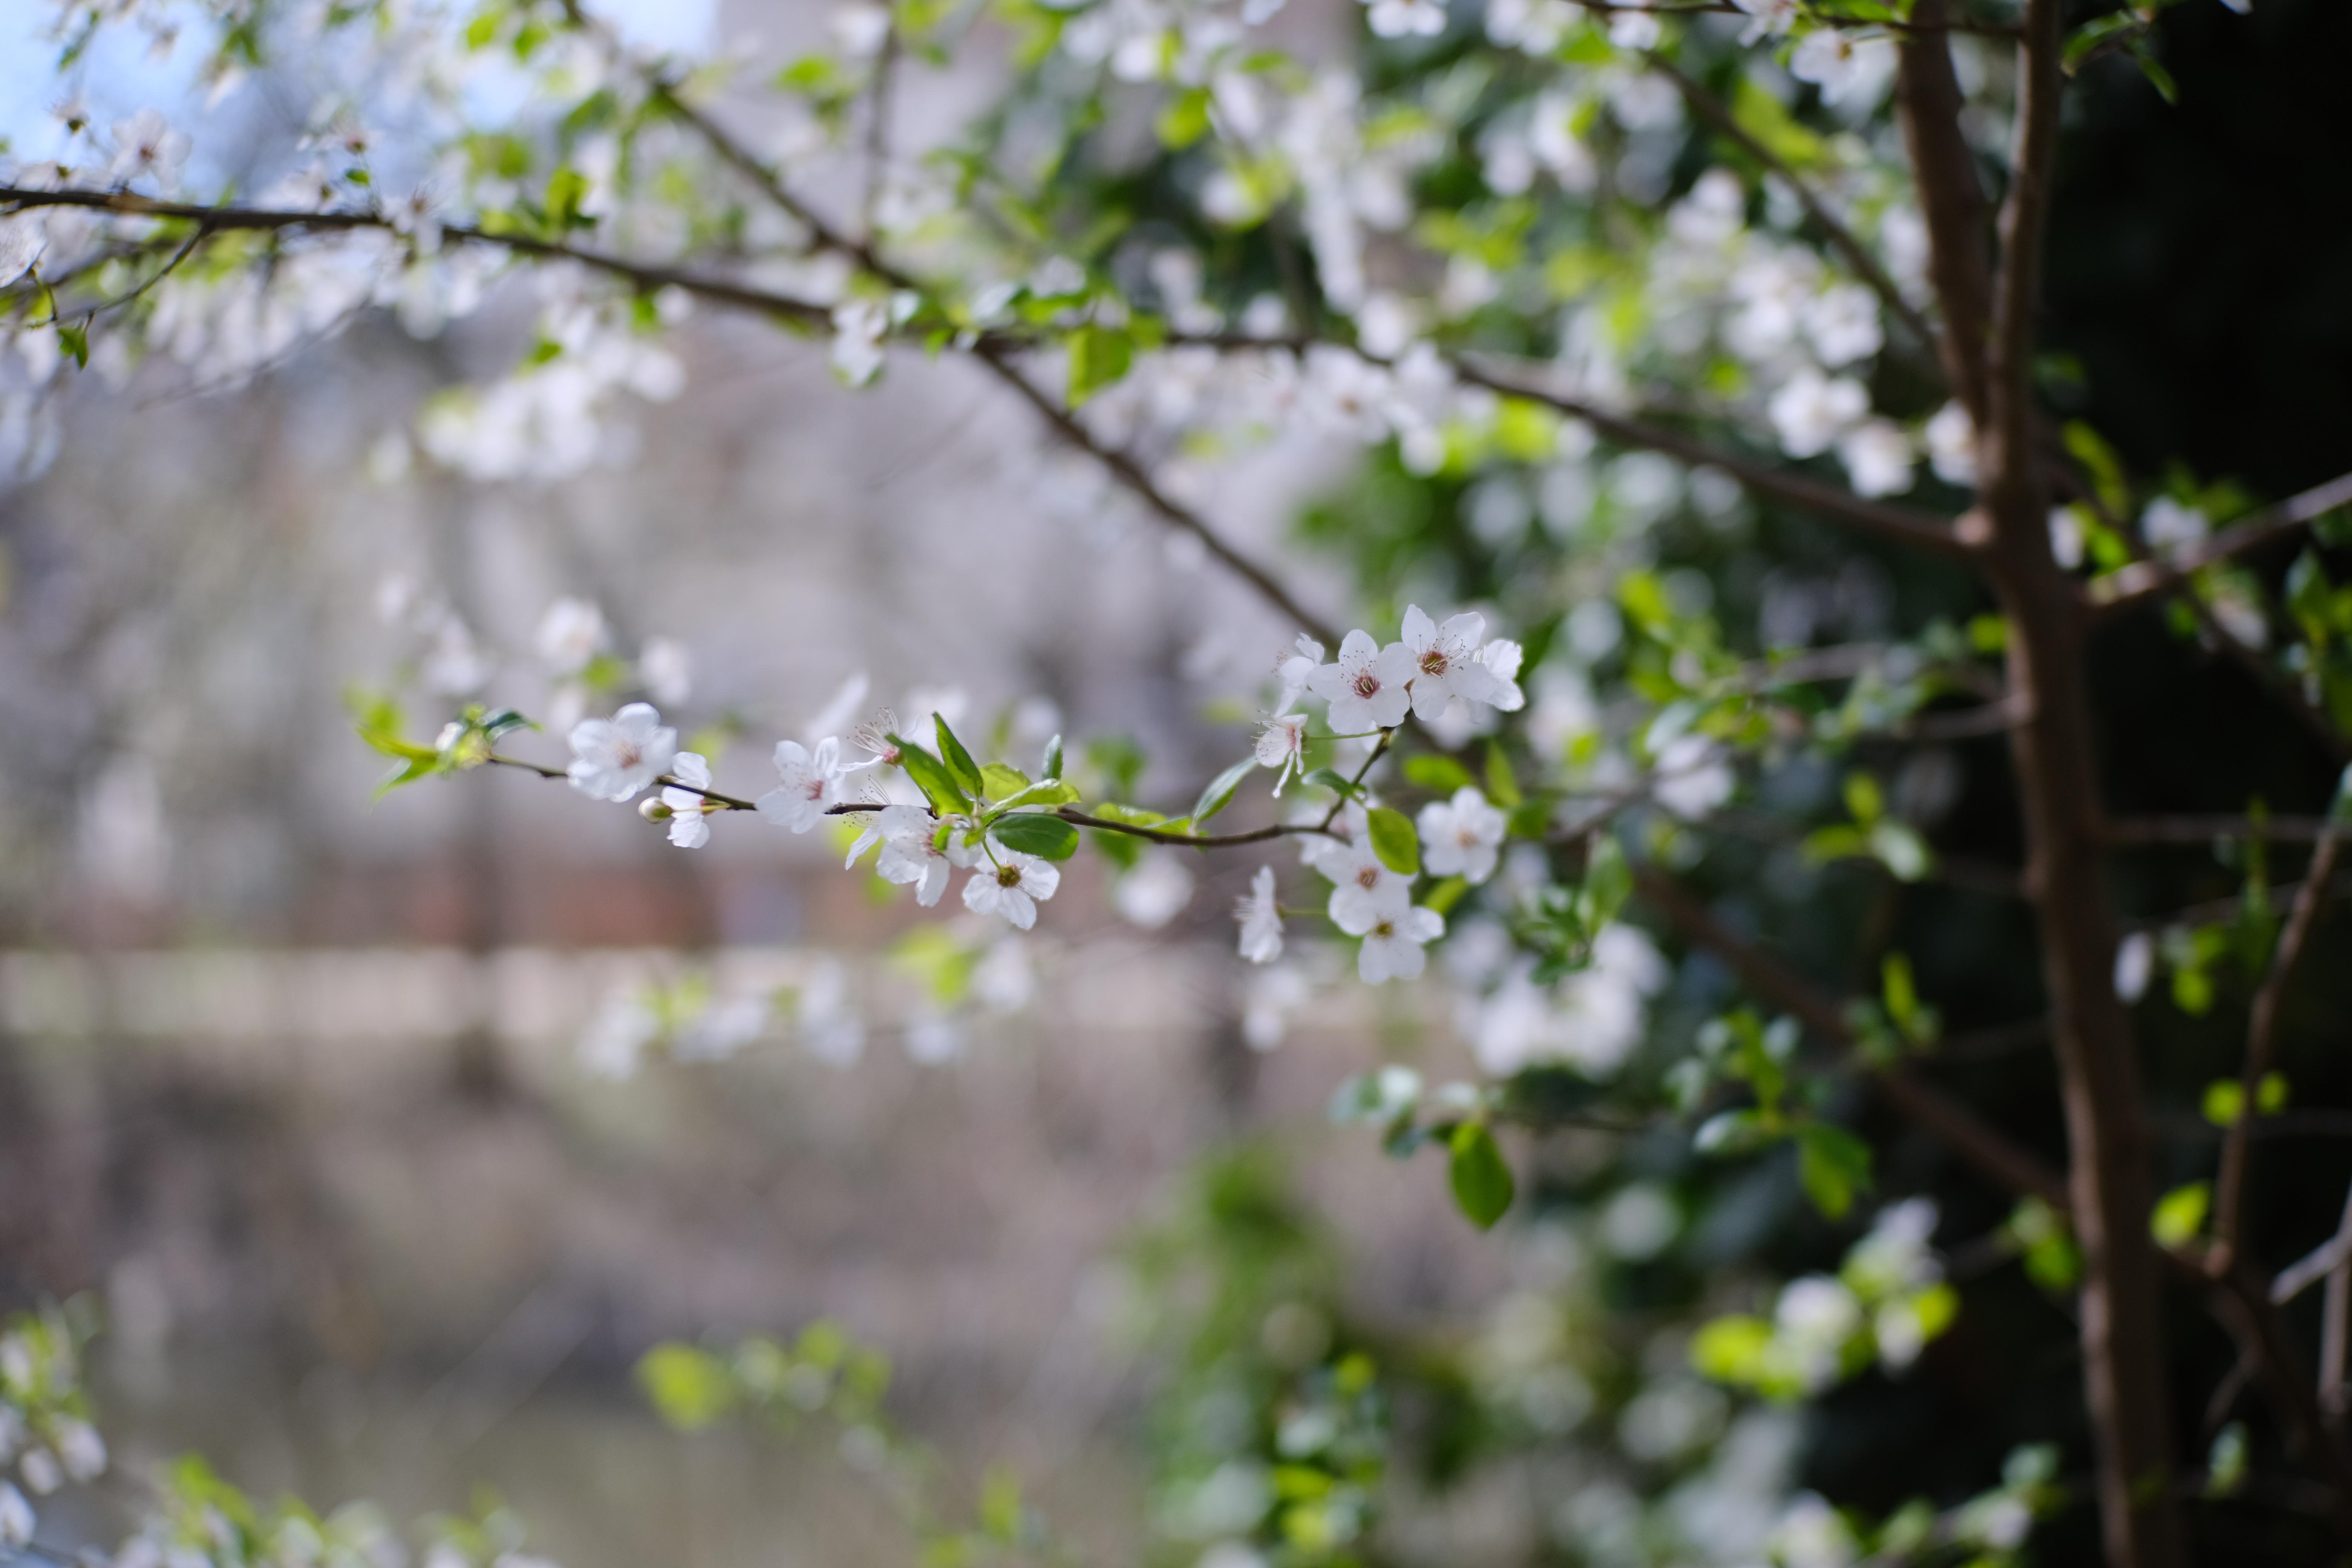 157795 Заставки и Обои Вишня на телефон. Скачать Цветы, Вишня, Листья, Макро, Ветки, Весна картинки бесплатно